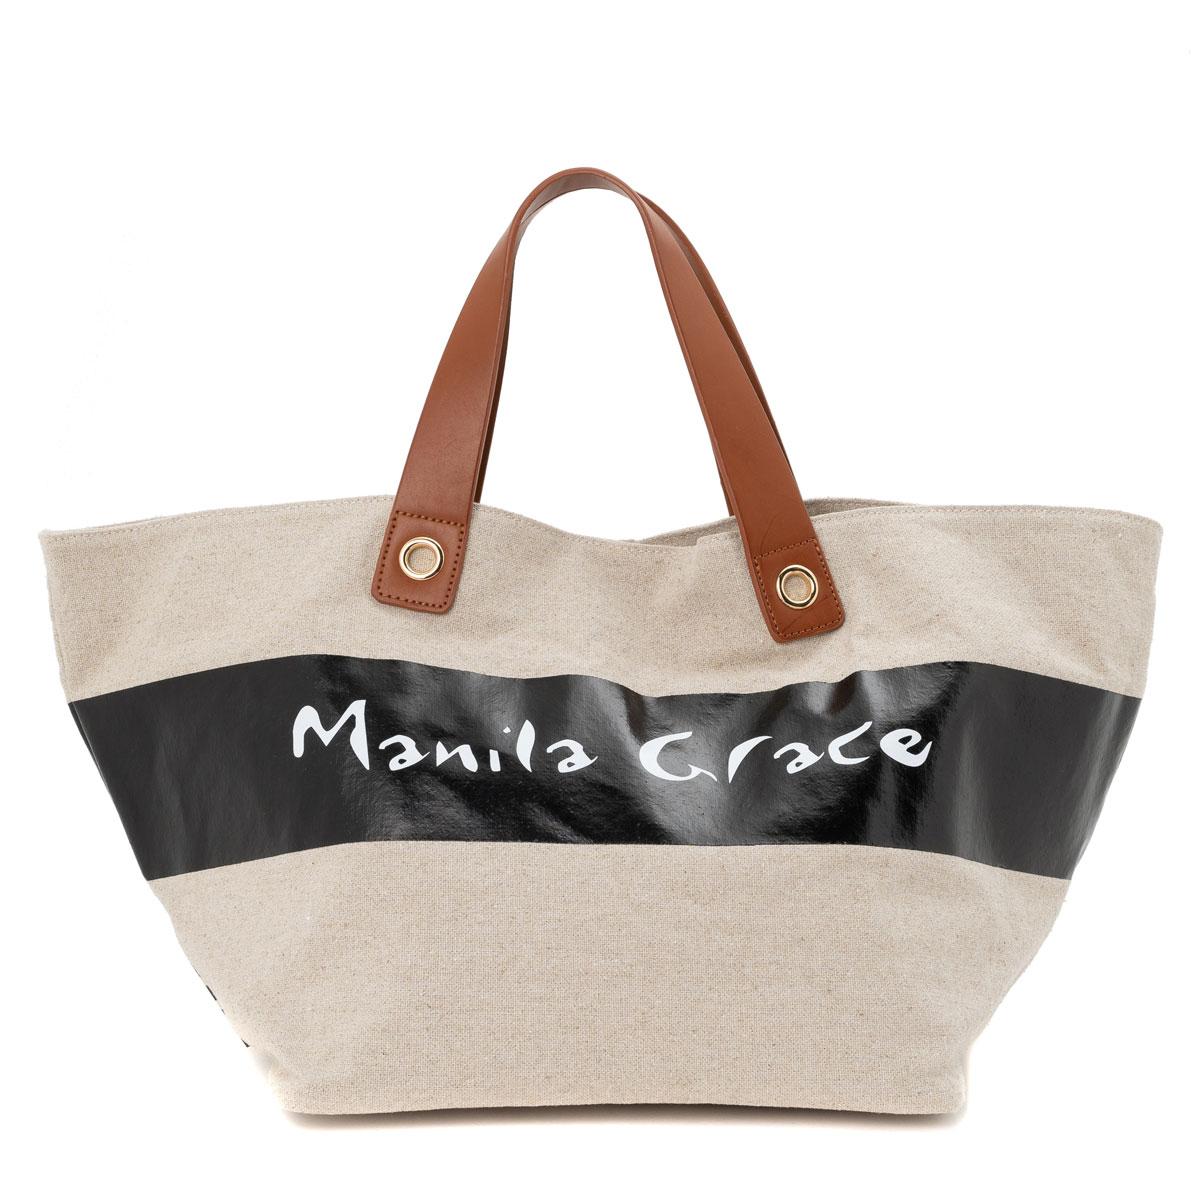 【2019春夏】ManilaGrace【マニラグレース】【バッグ】B074CU